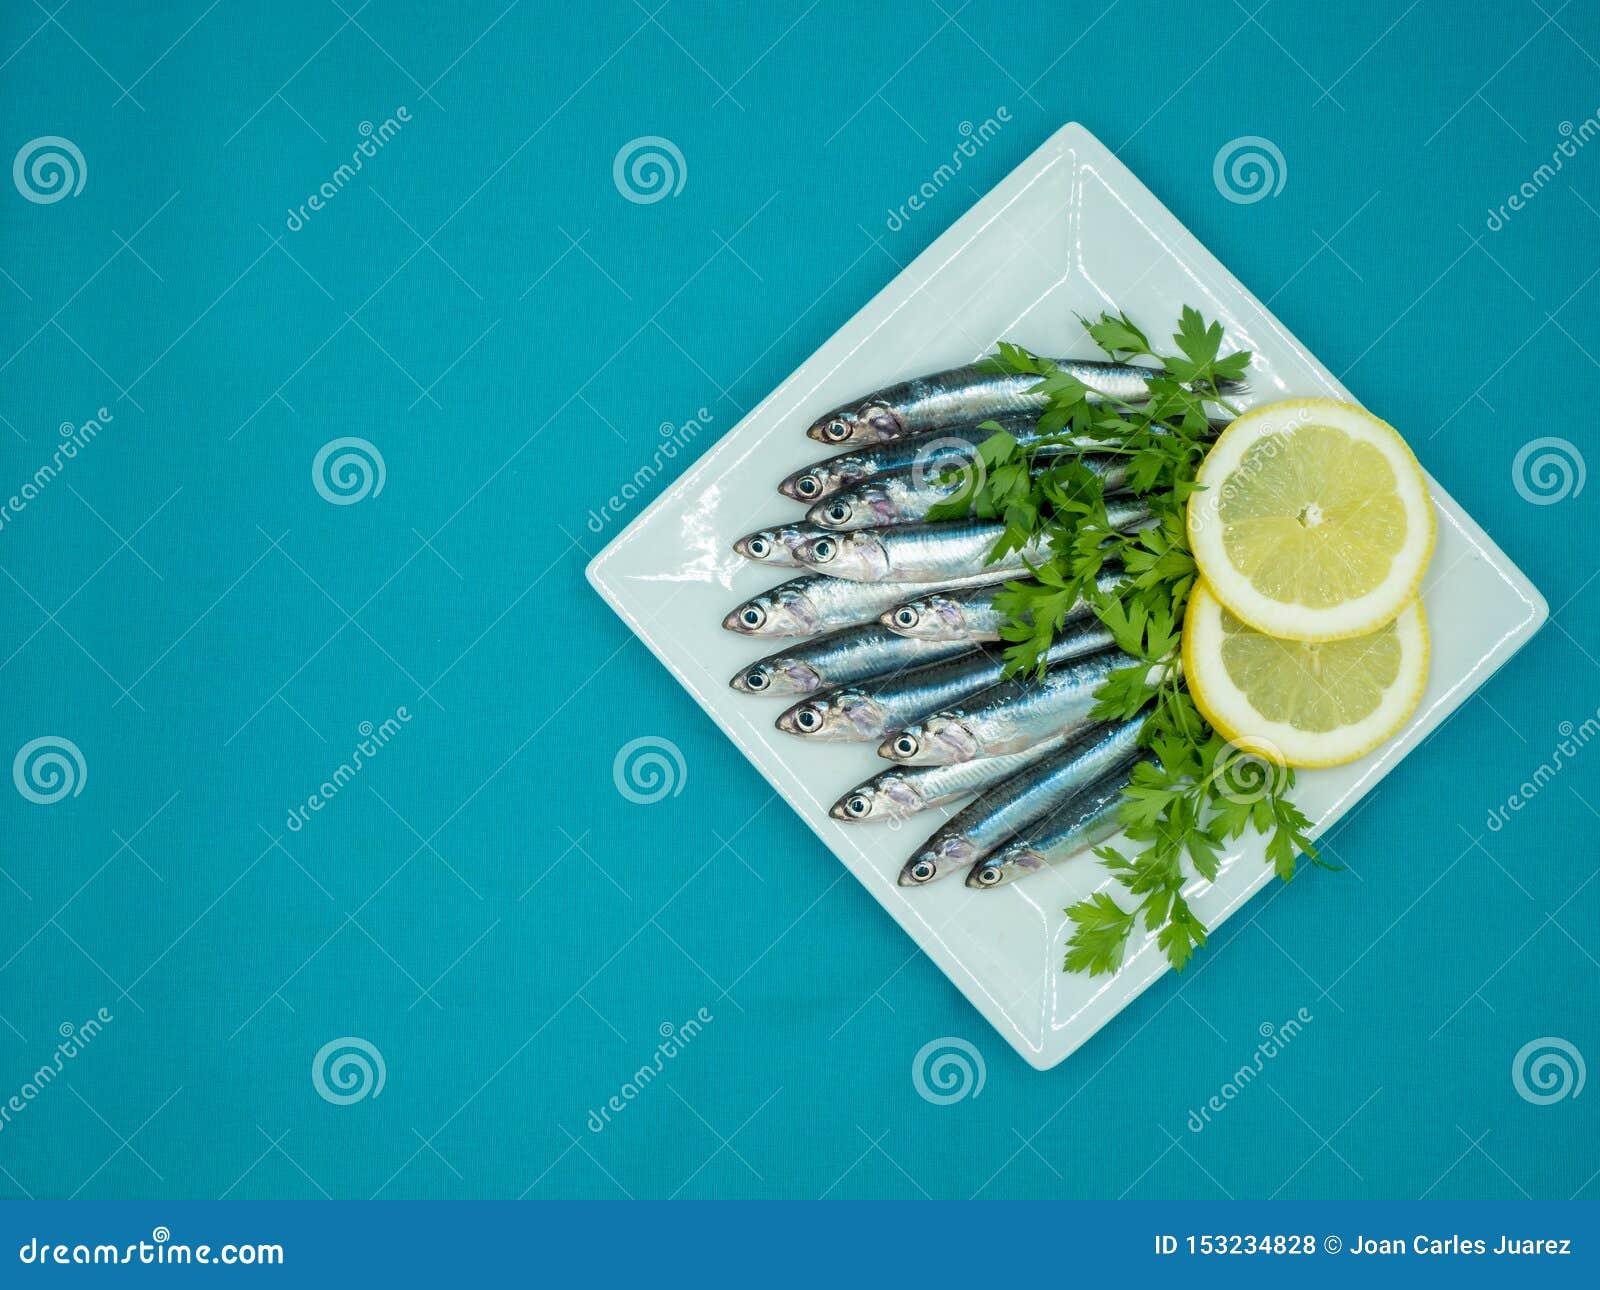 Frische Sardellen in einer Platte auf einem blauen Hintergrund